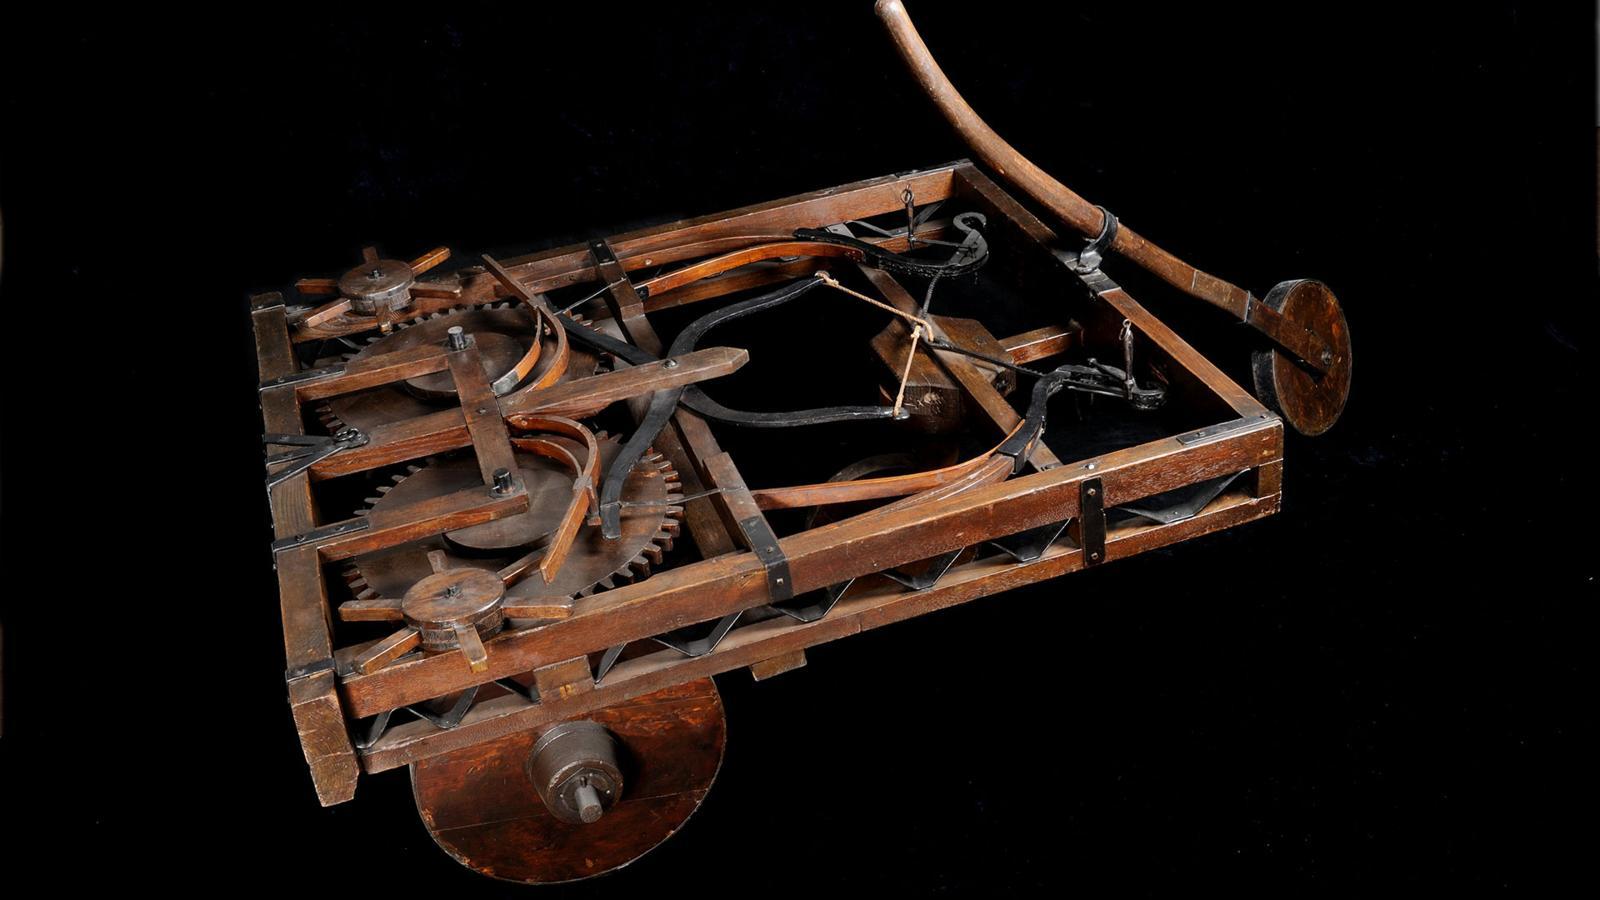 Những phát minh thể hiện trí tuệ siêu phàm của Leonardo da Vinci - Ảnh 12.